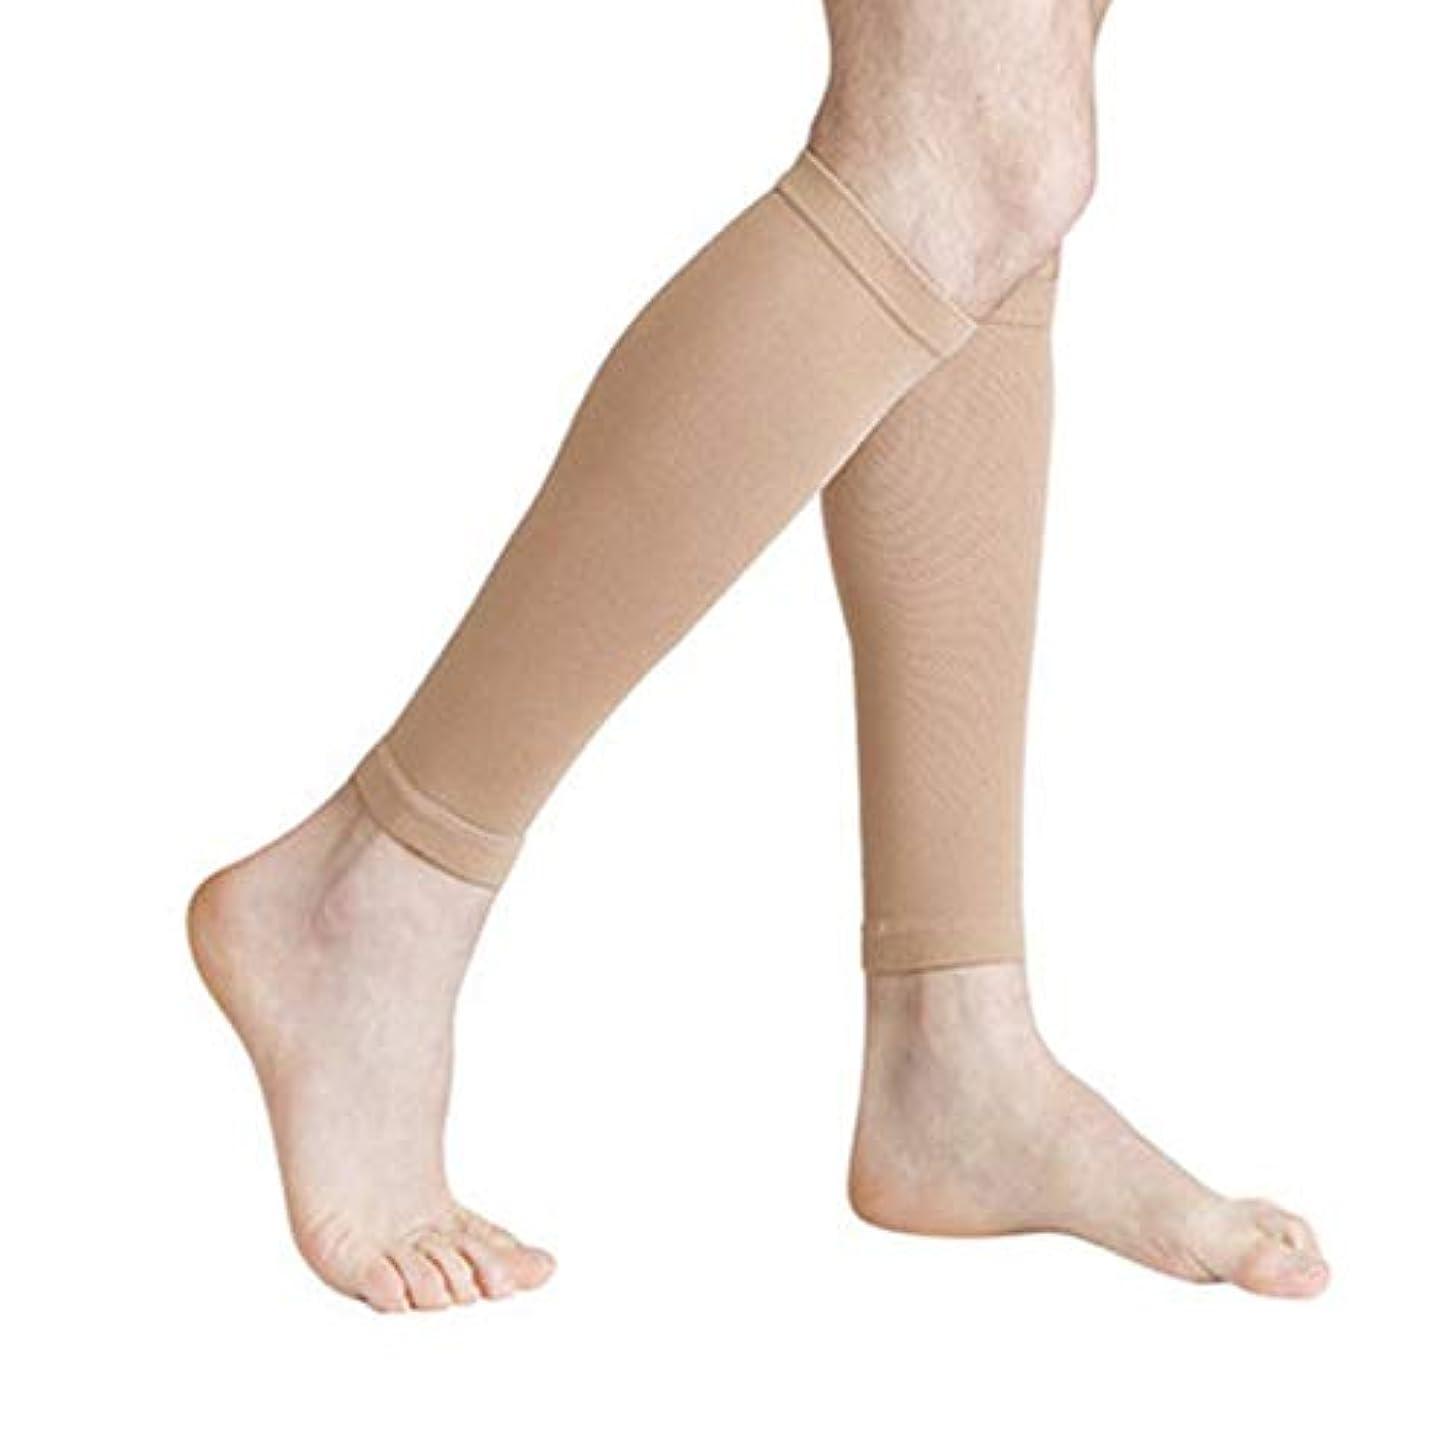 増幅ヶ月目残る丈夫な男性女性プロの圧縮靴下通気性のある旅行活動看護師用シンススプリントフライトトラベル - ブラック